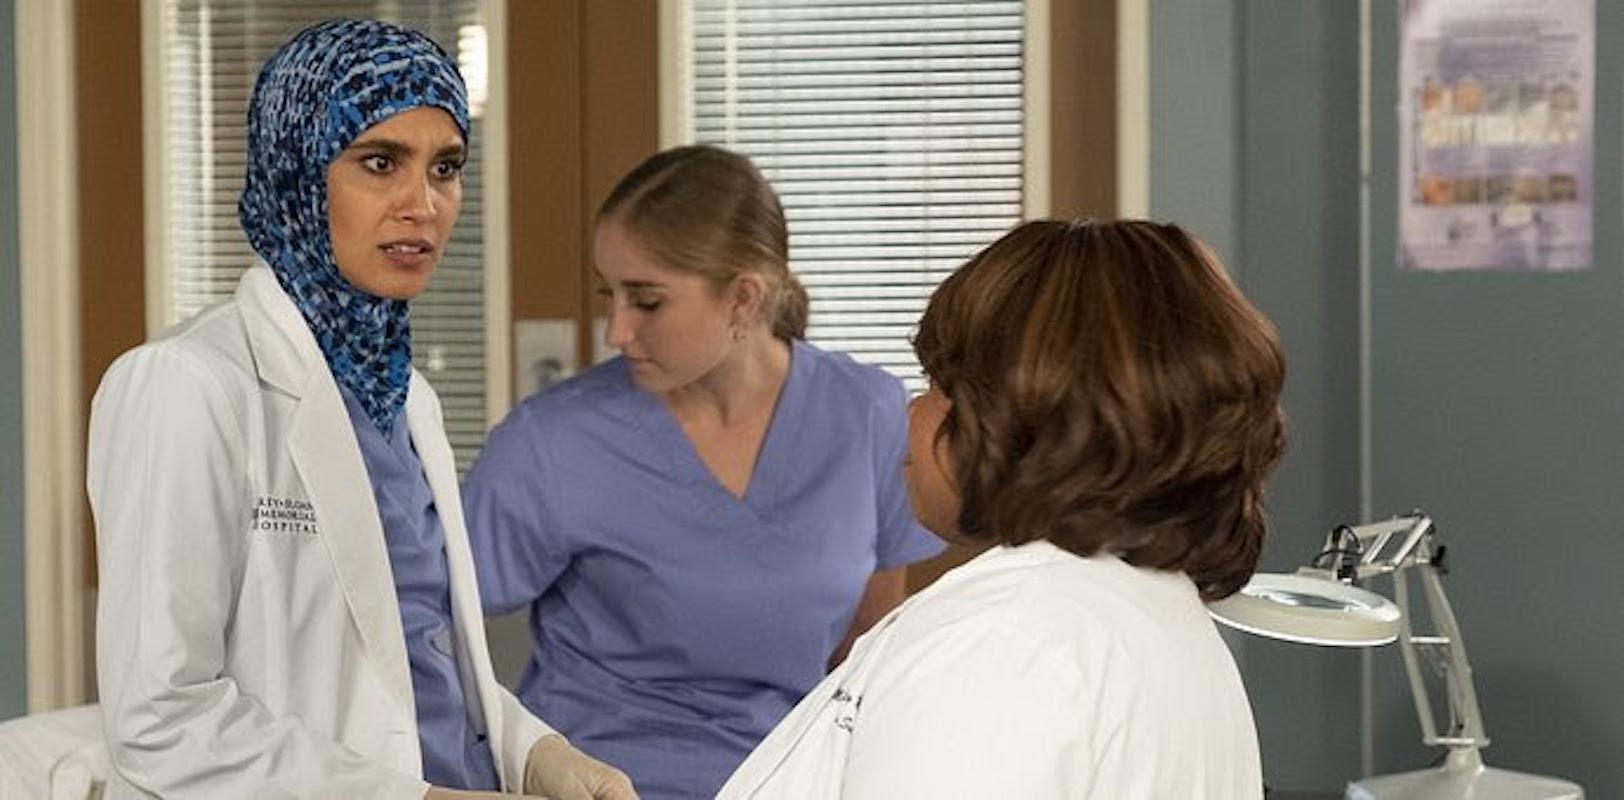 Anatomia de Grey 'Anatomia de Grey' está de regresso à Fox Life com mais reviravoltas e muito drama